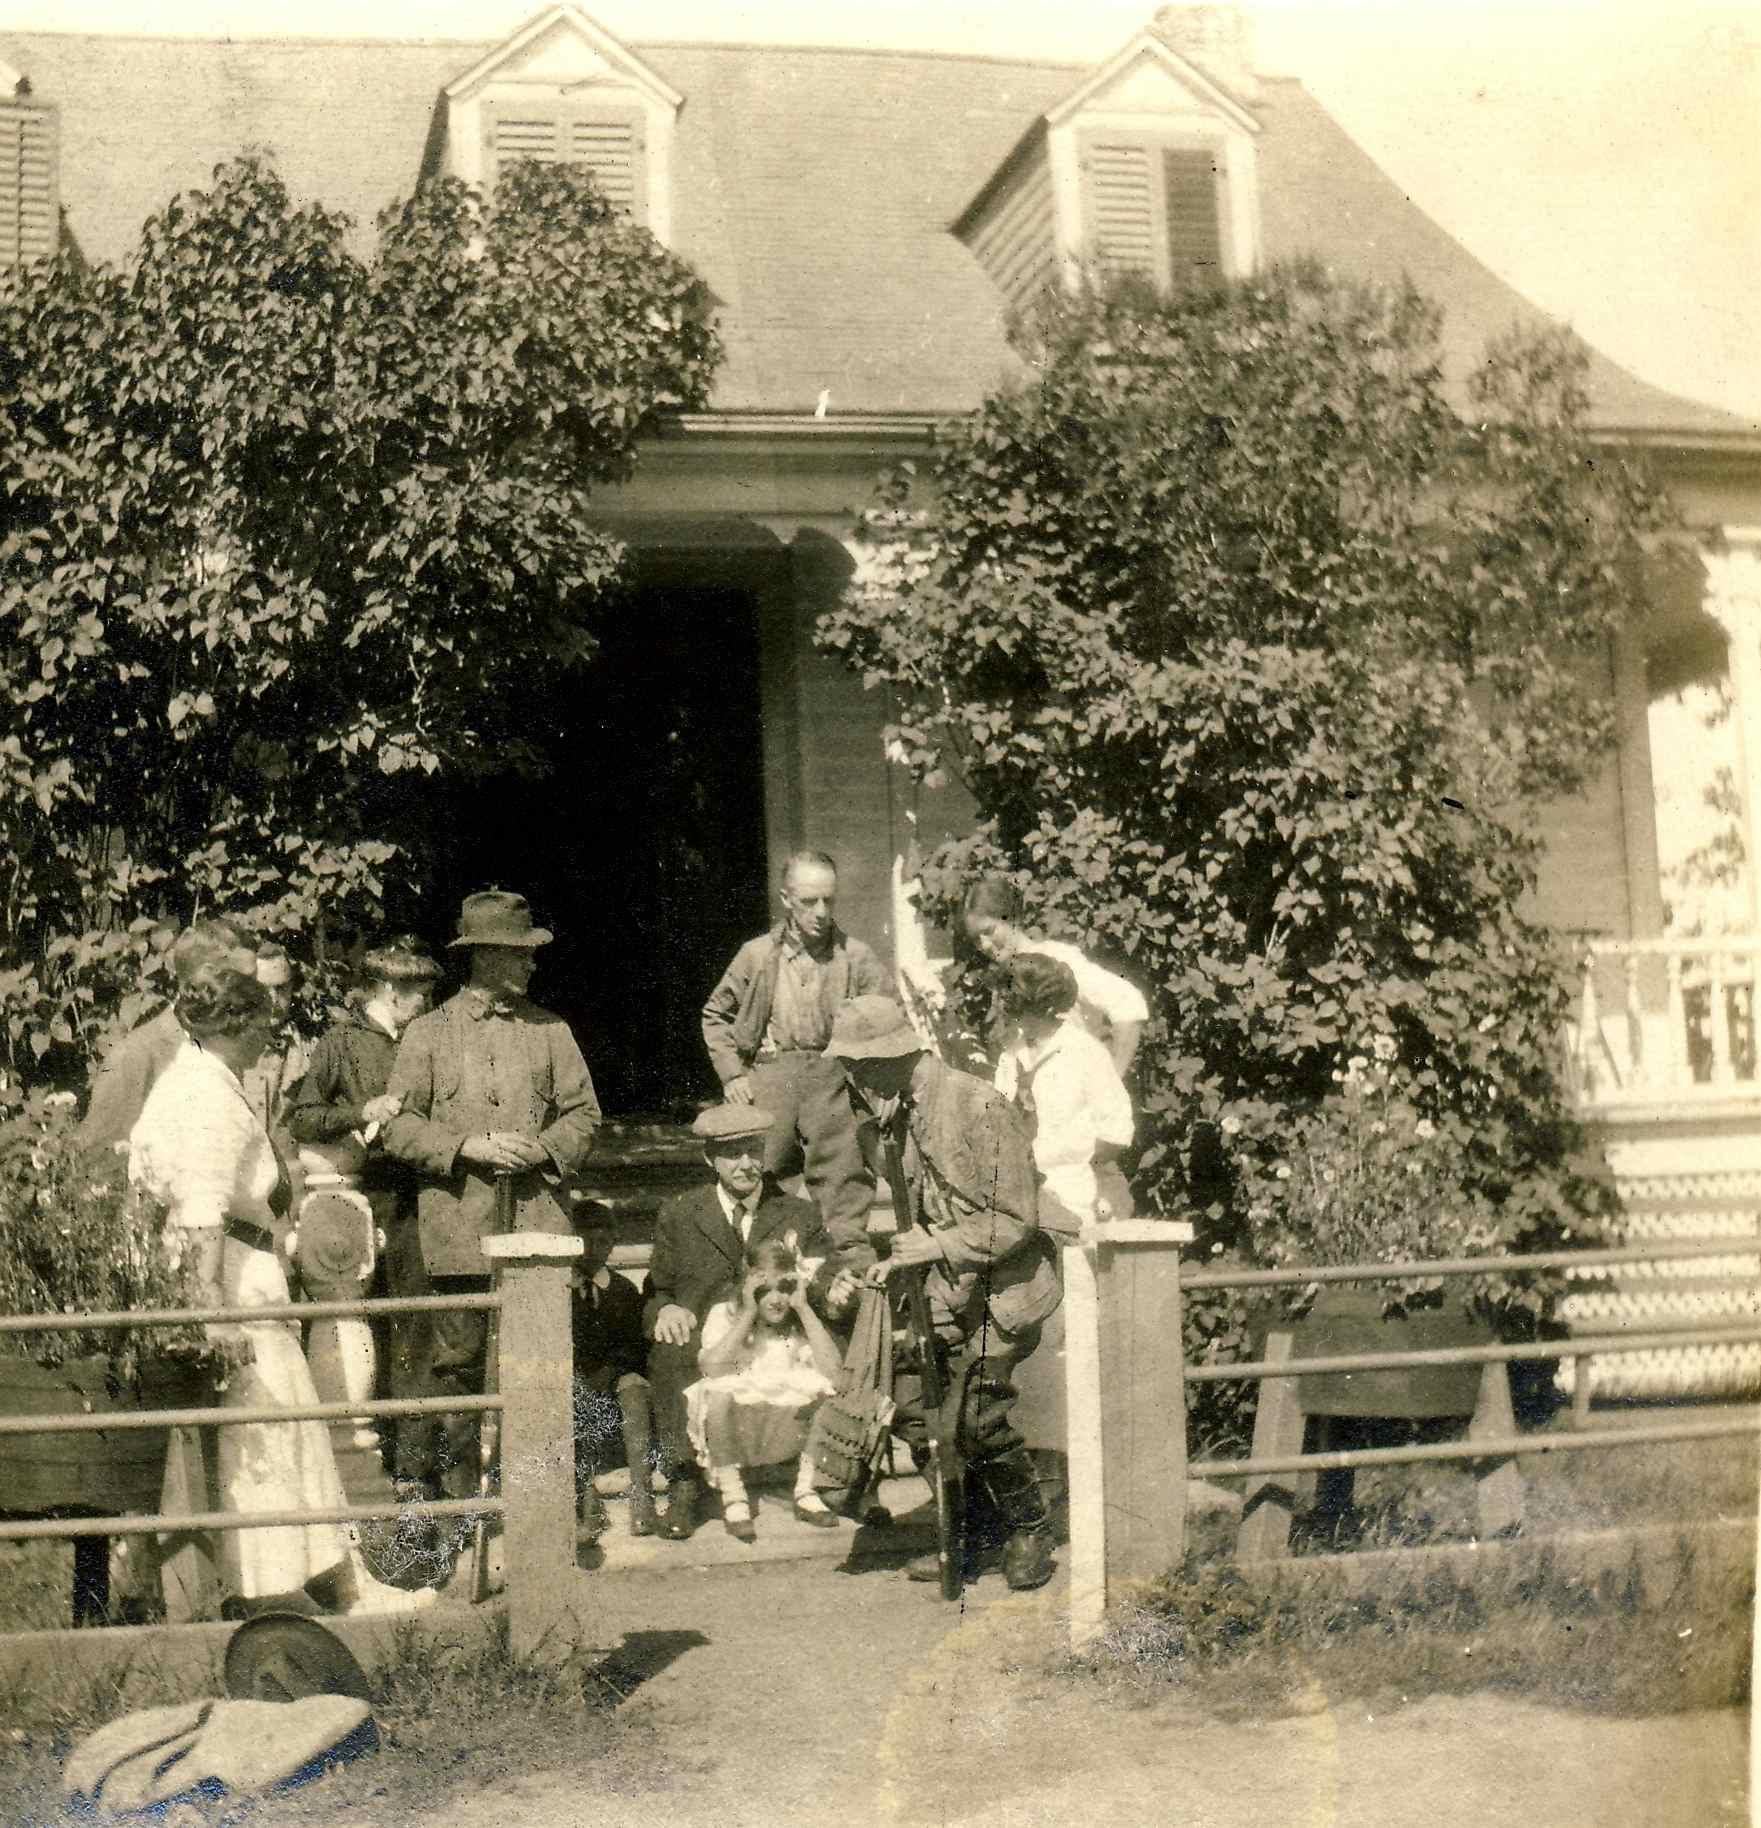 Deux chasseurs sont entourés de quelques personnes devant une maison rurale bordée de lilas.